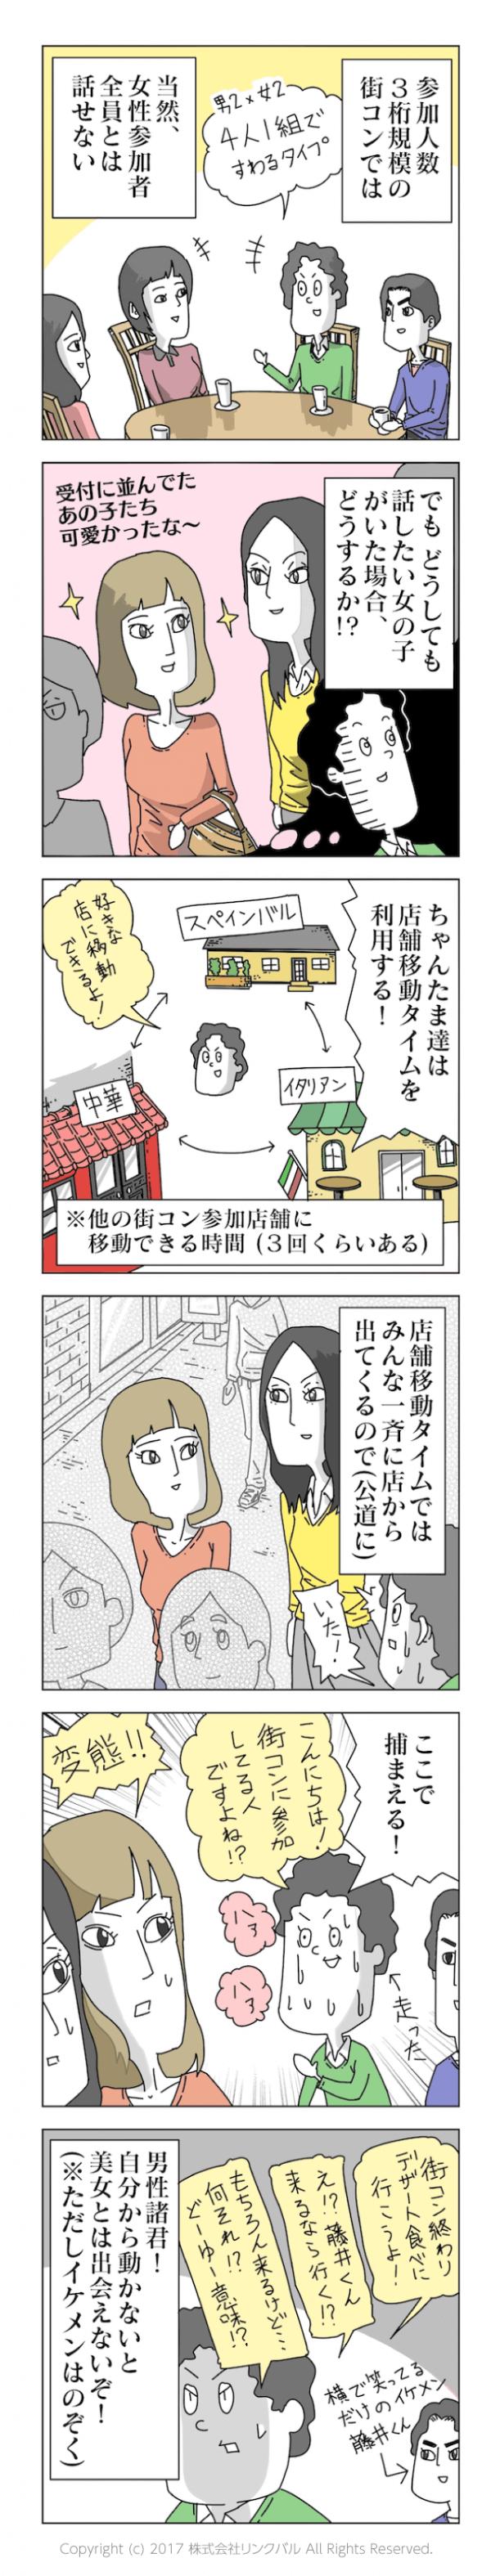 街コン,漫画,ブログ